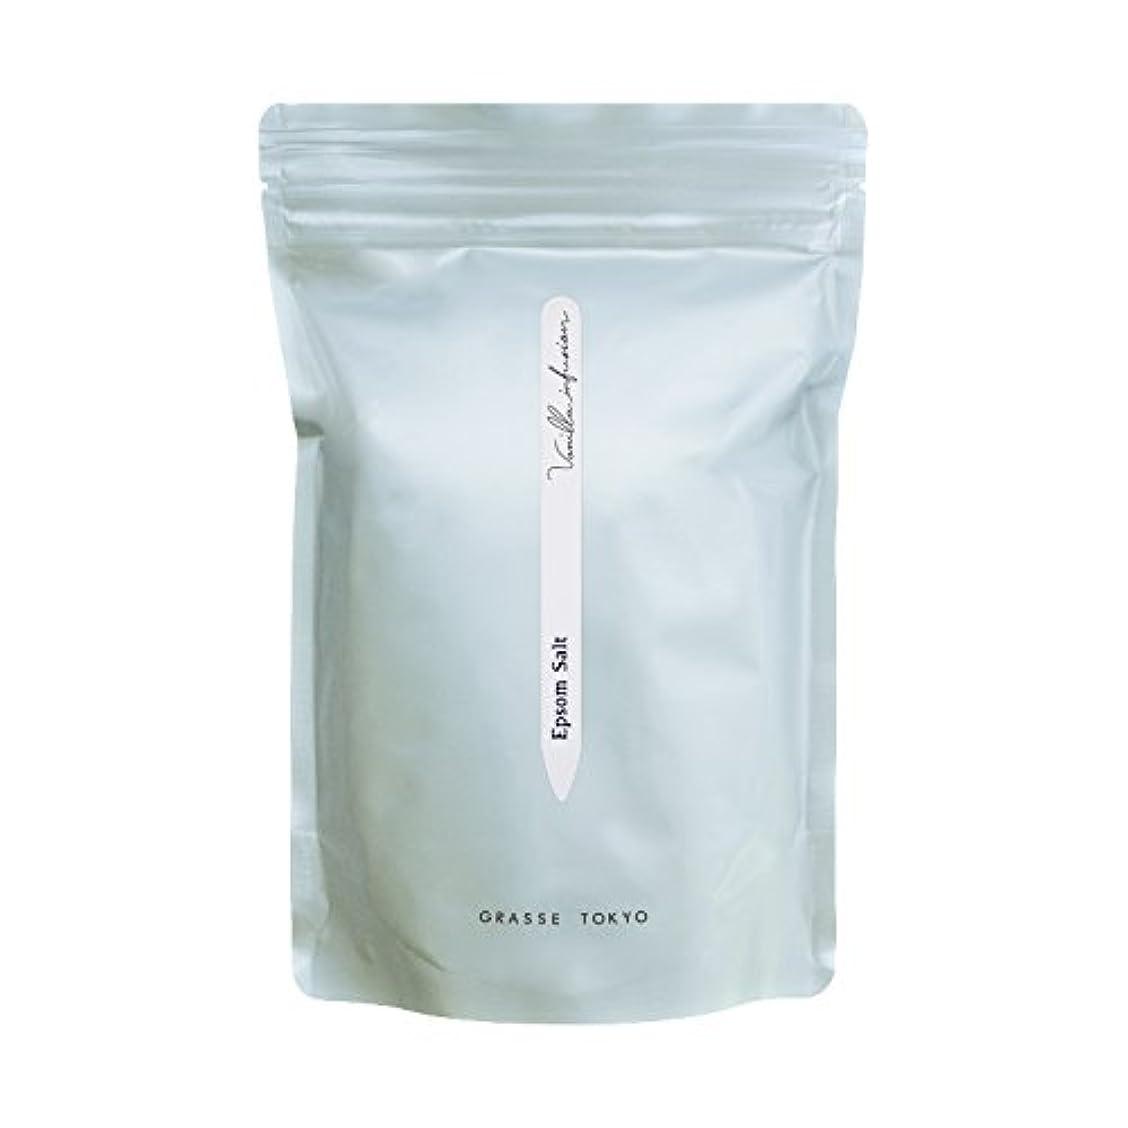 インサート承知しました足グラーストウキョウ エプソムソルト(浴用、5回分ジップ袋) Vanilla infusion 750g